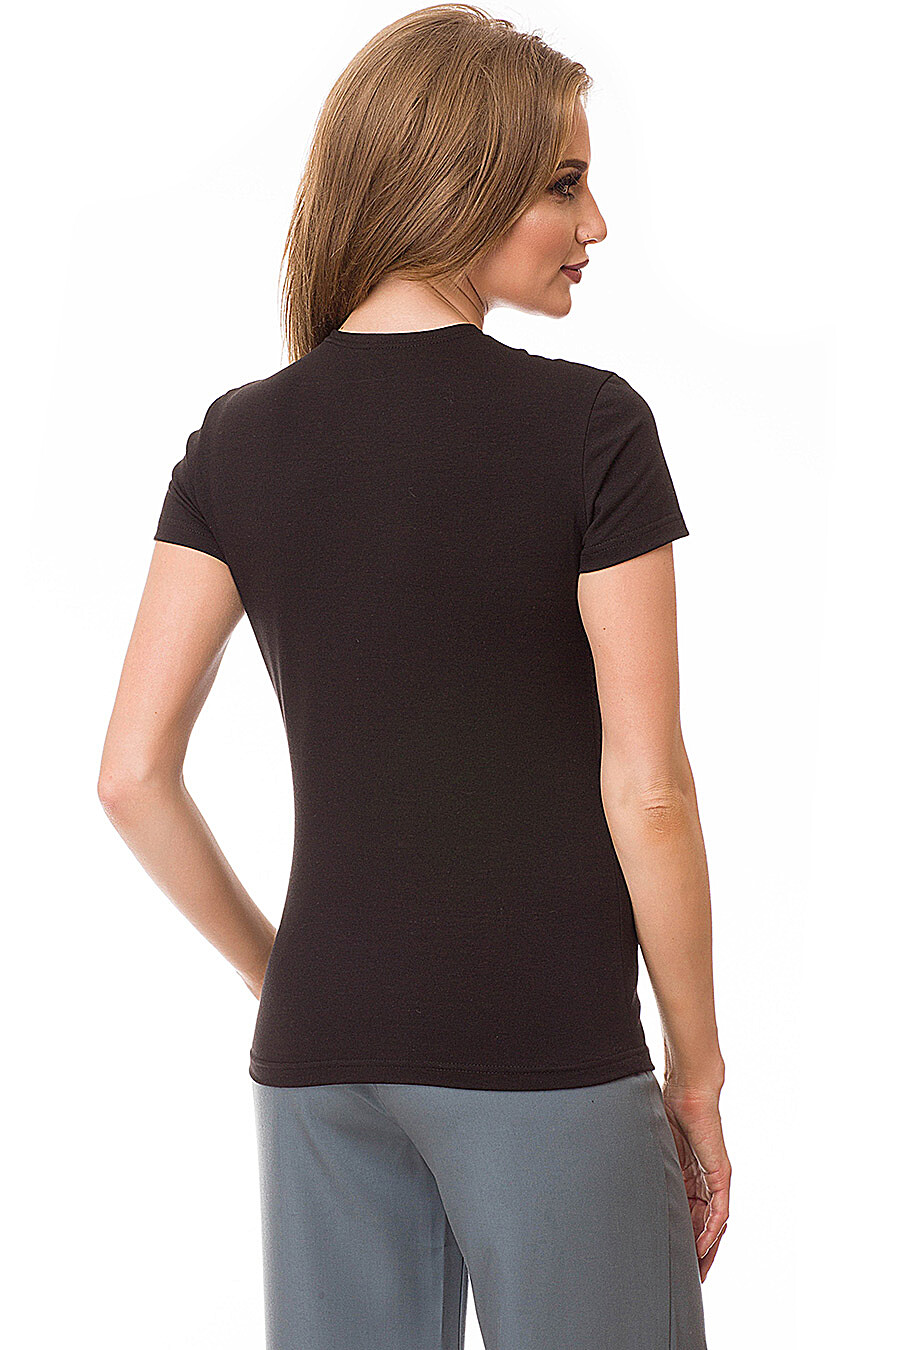 Блузка FOUR STYLES (119746), купить в Moyo.moda